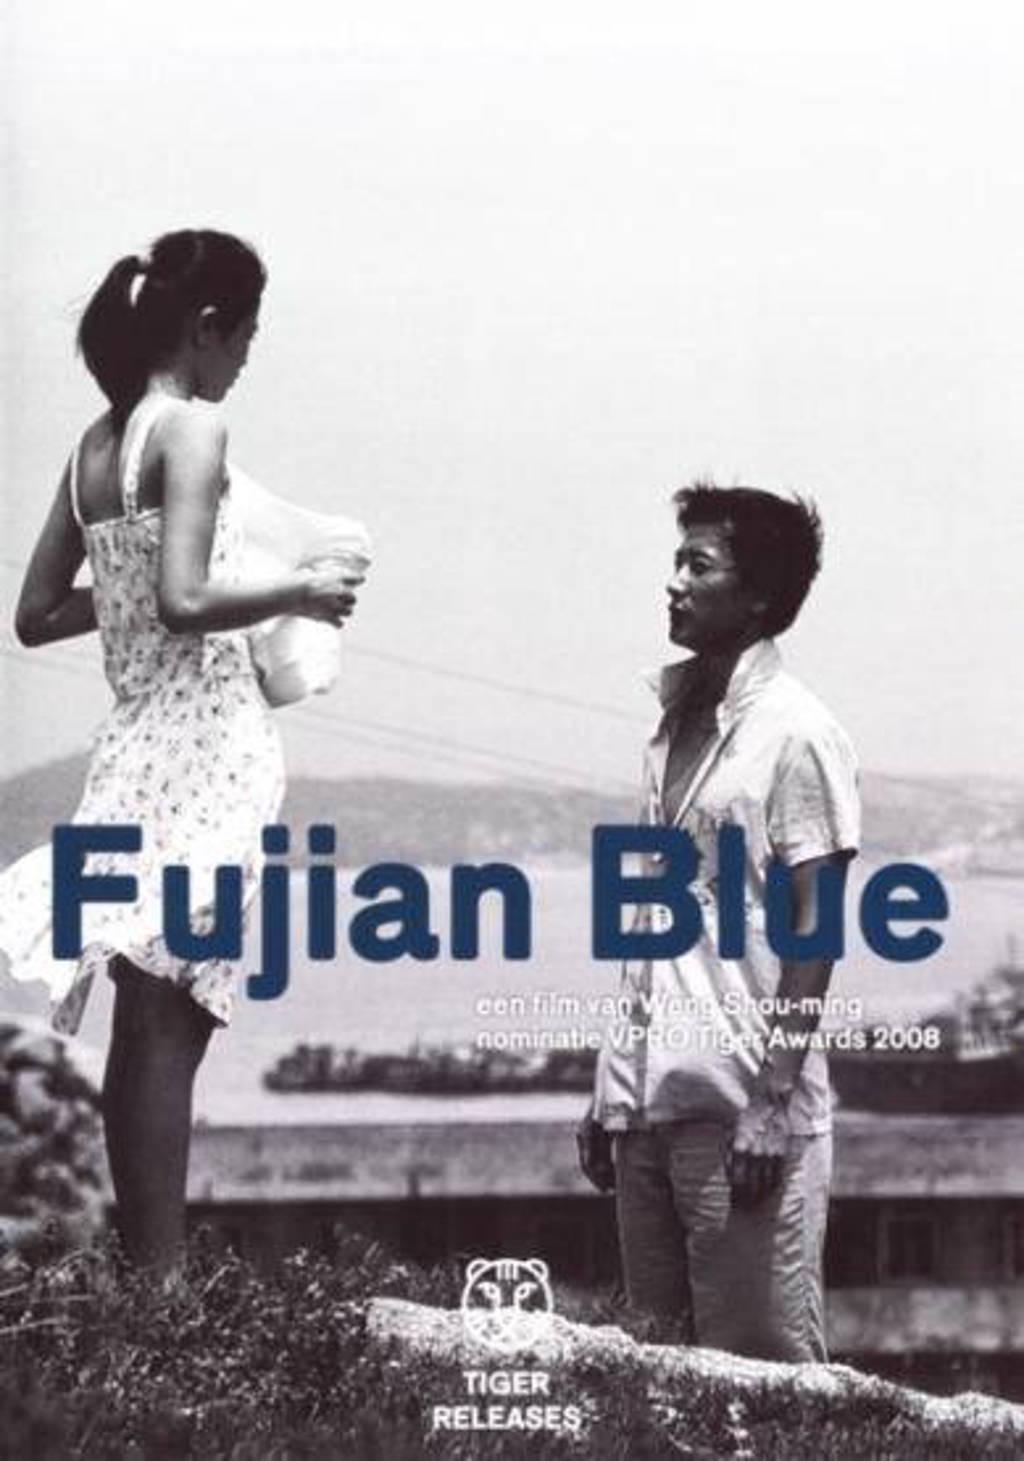 Fujian blue (DVD)